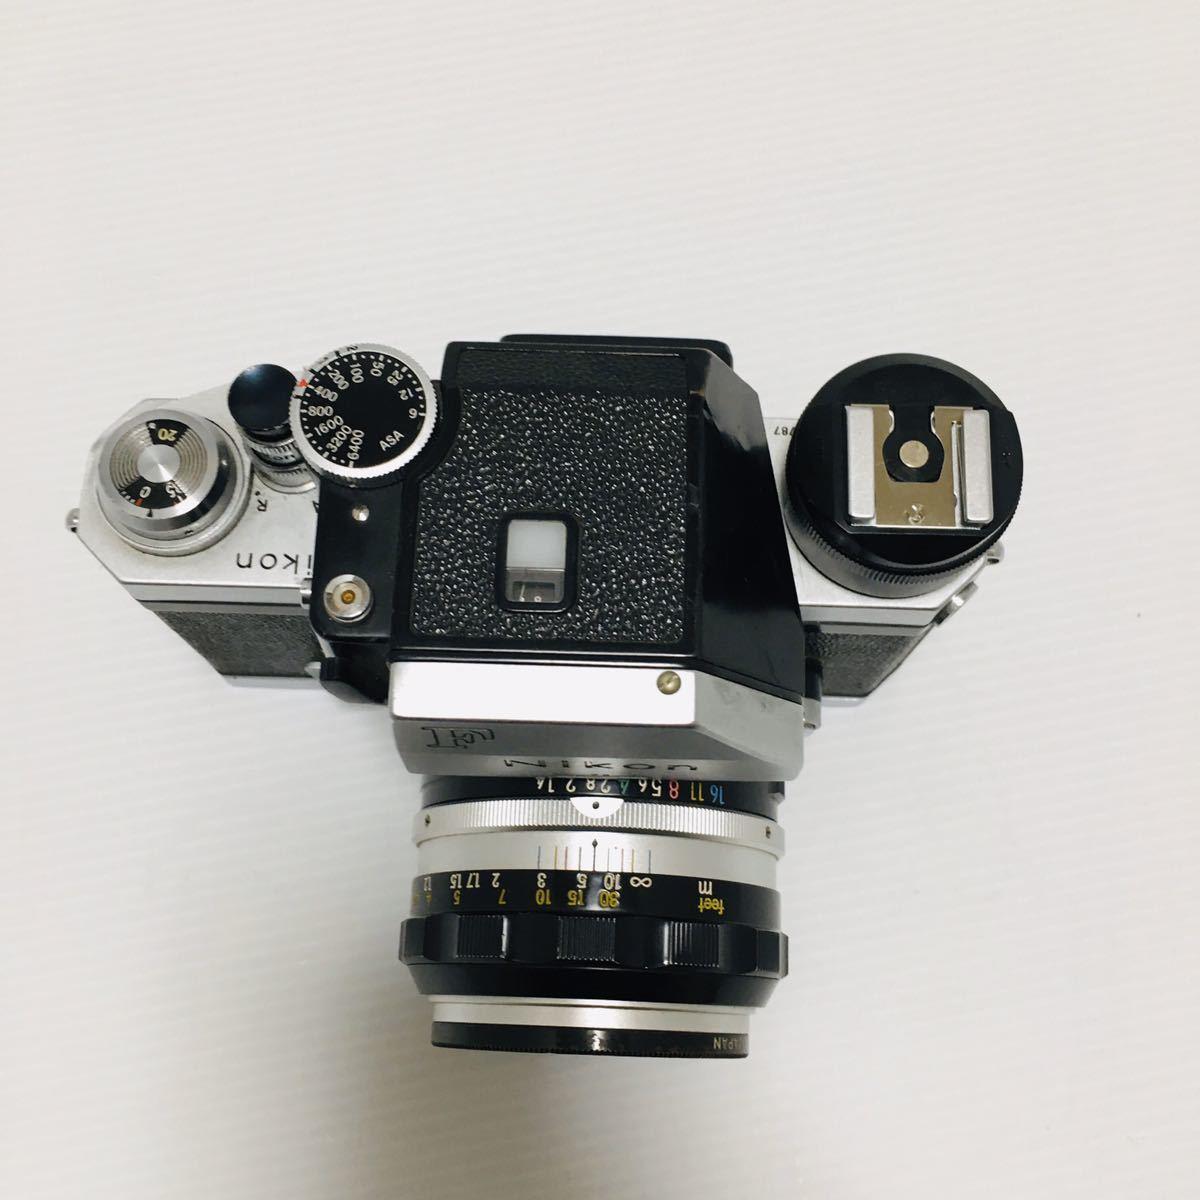 【動作未確認】Nikon F シルバー フィルムカメラ national3650 フラッシュ、レンズ付 NIKKOR-S 1:1.4 ジャンク_画像4